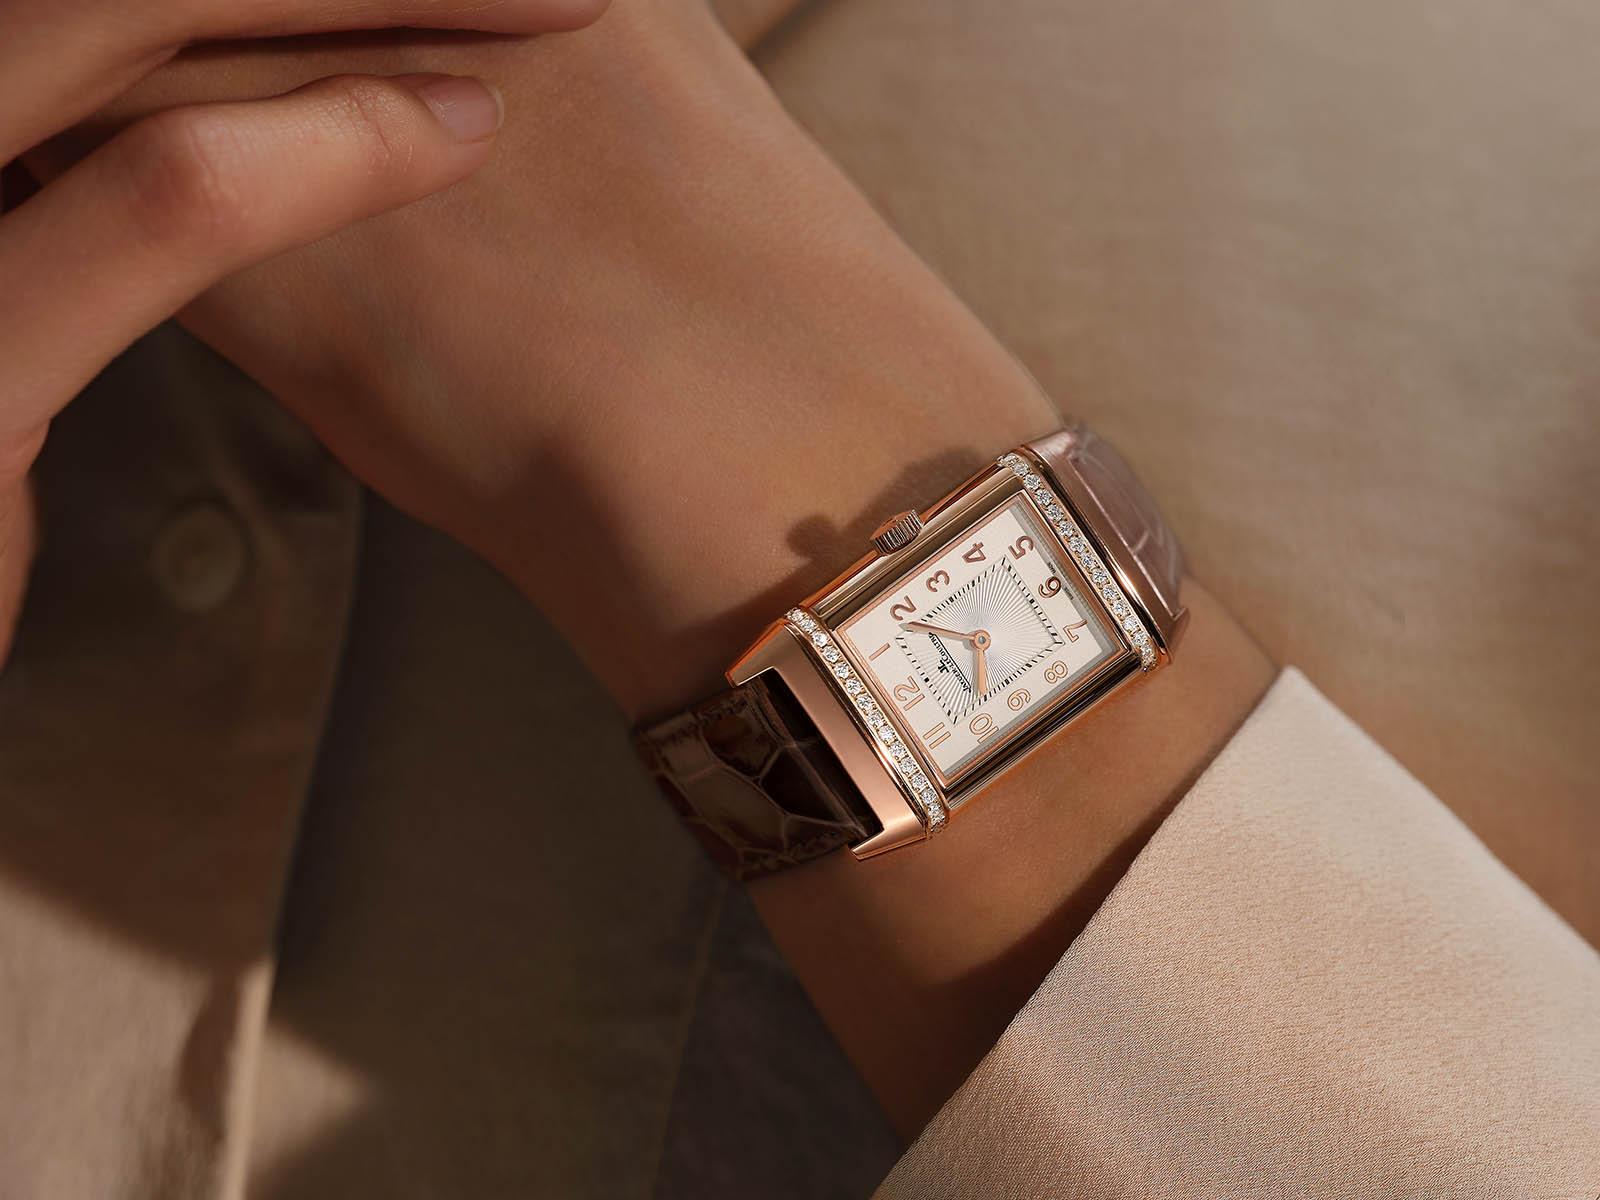 Những mẫu đồng hồ độc đáo xuất hiện trong t5/2021